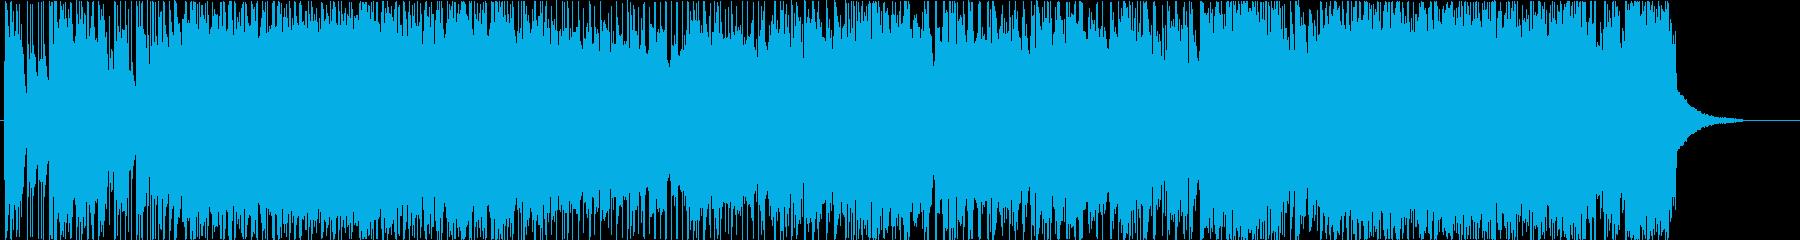 ヘヴィな和風ロックの再生済みの波形